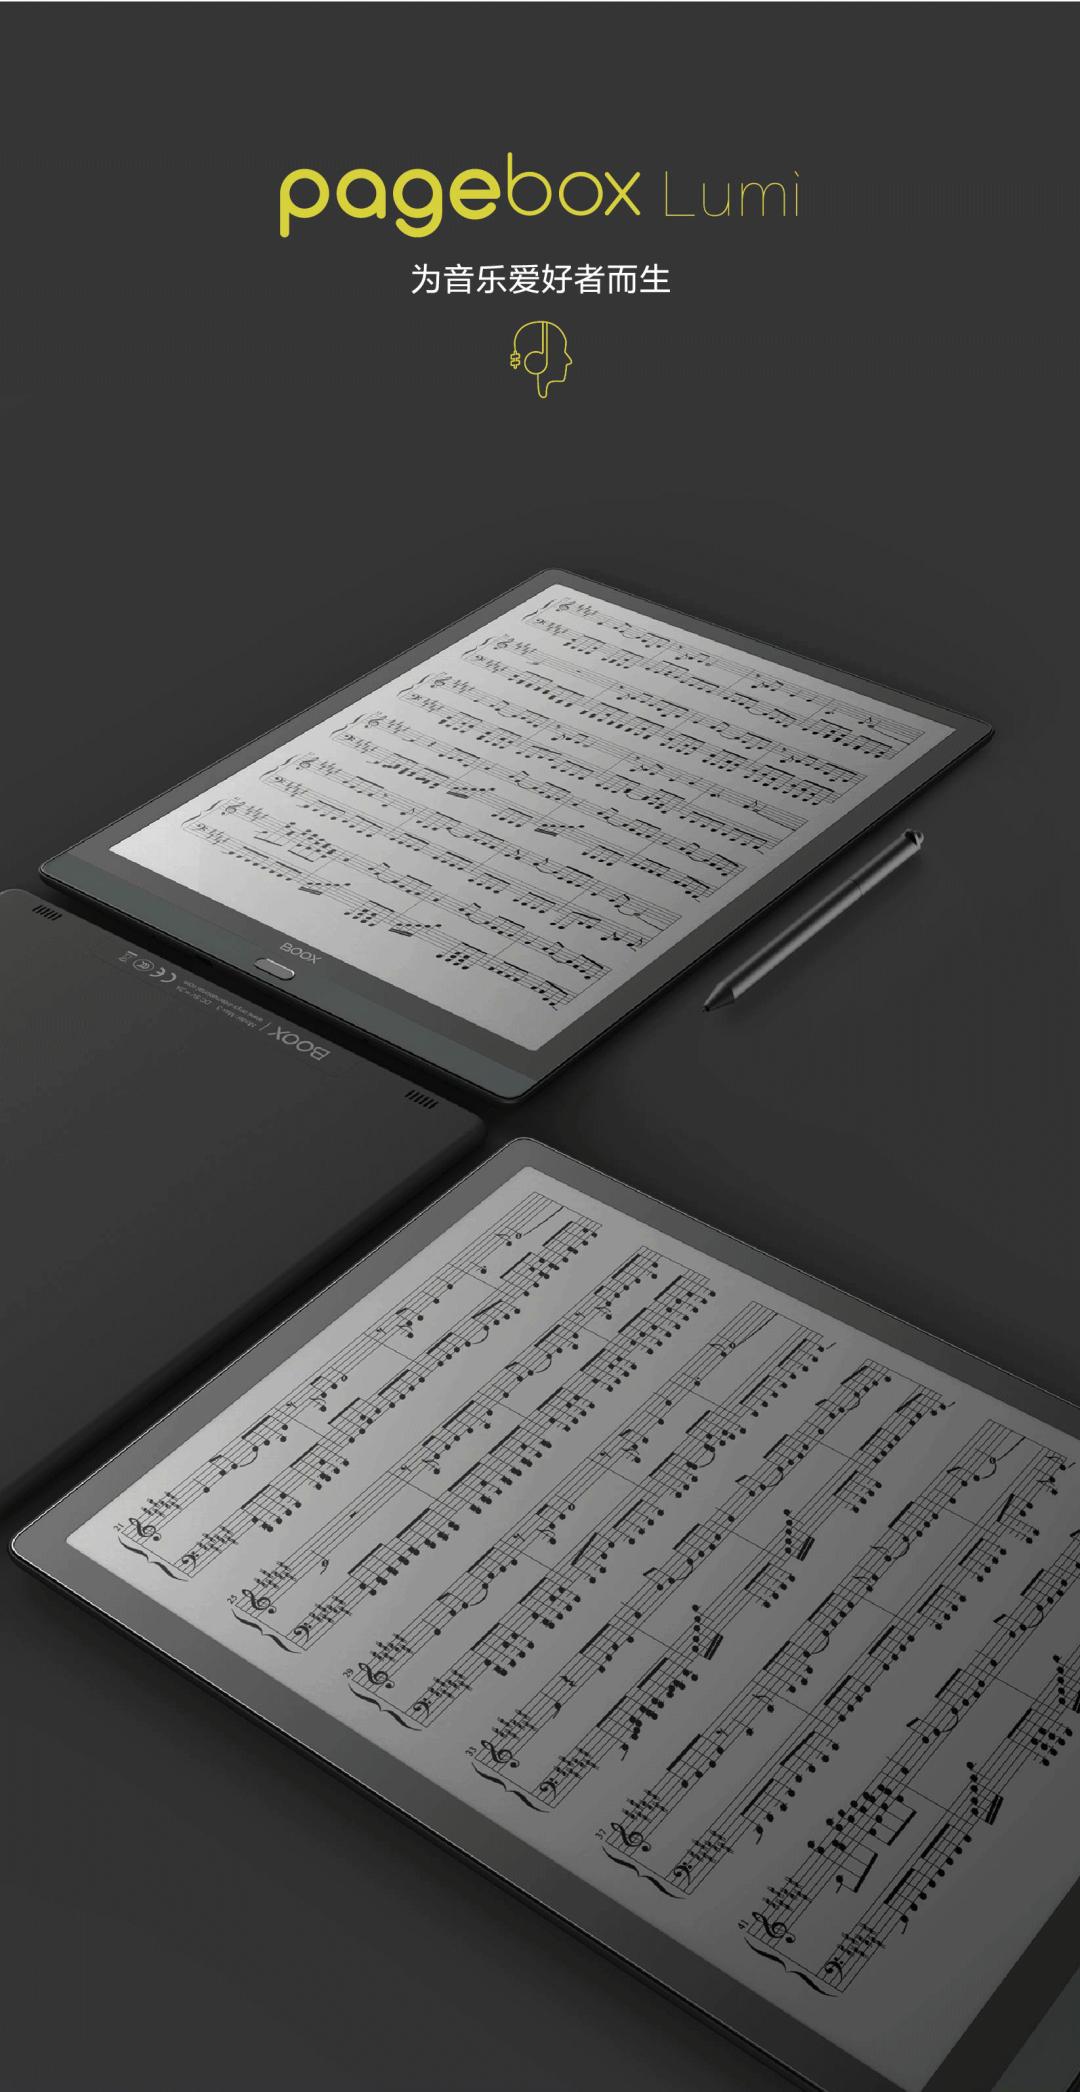 【新品】Pagebox Lumi智能阅谱平板发光上市,性能配置全面升级!